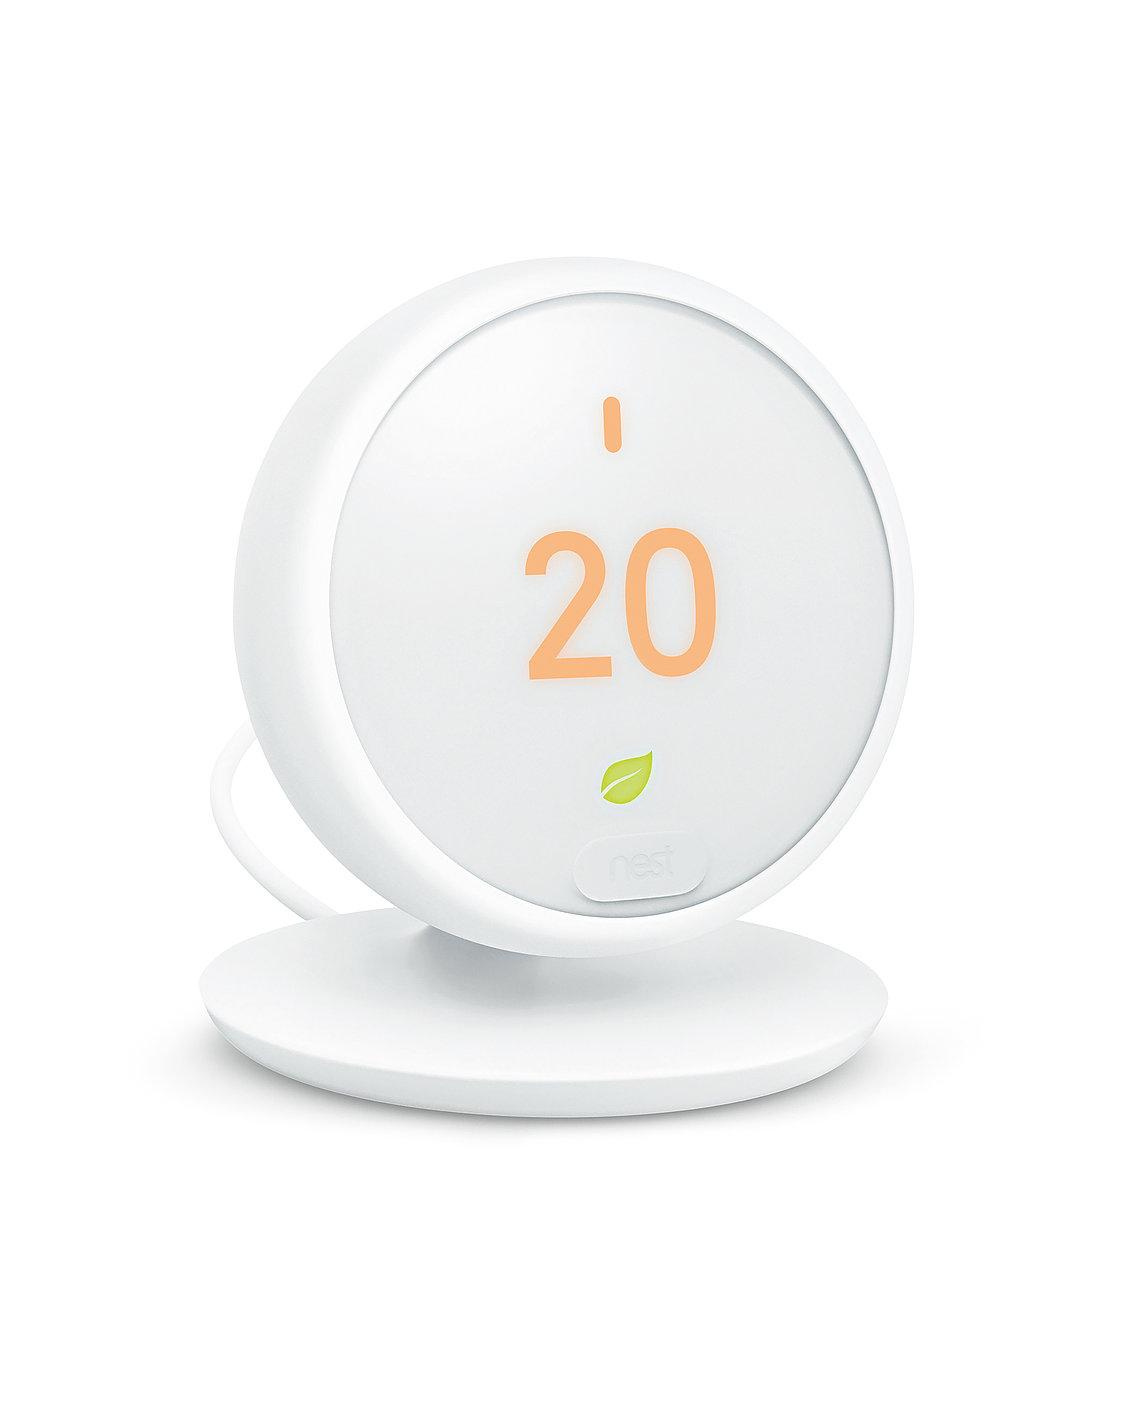 Nest Thermostat E | Red Dot Design Award